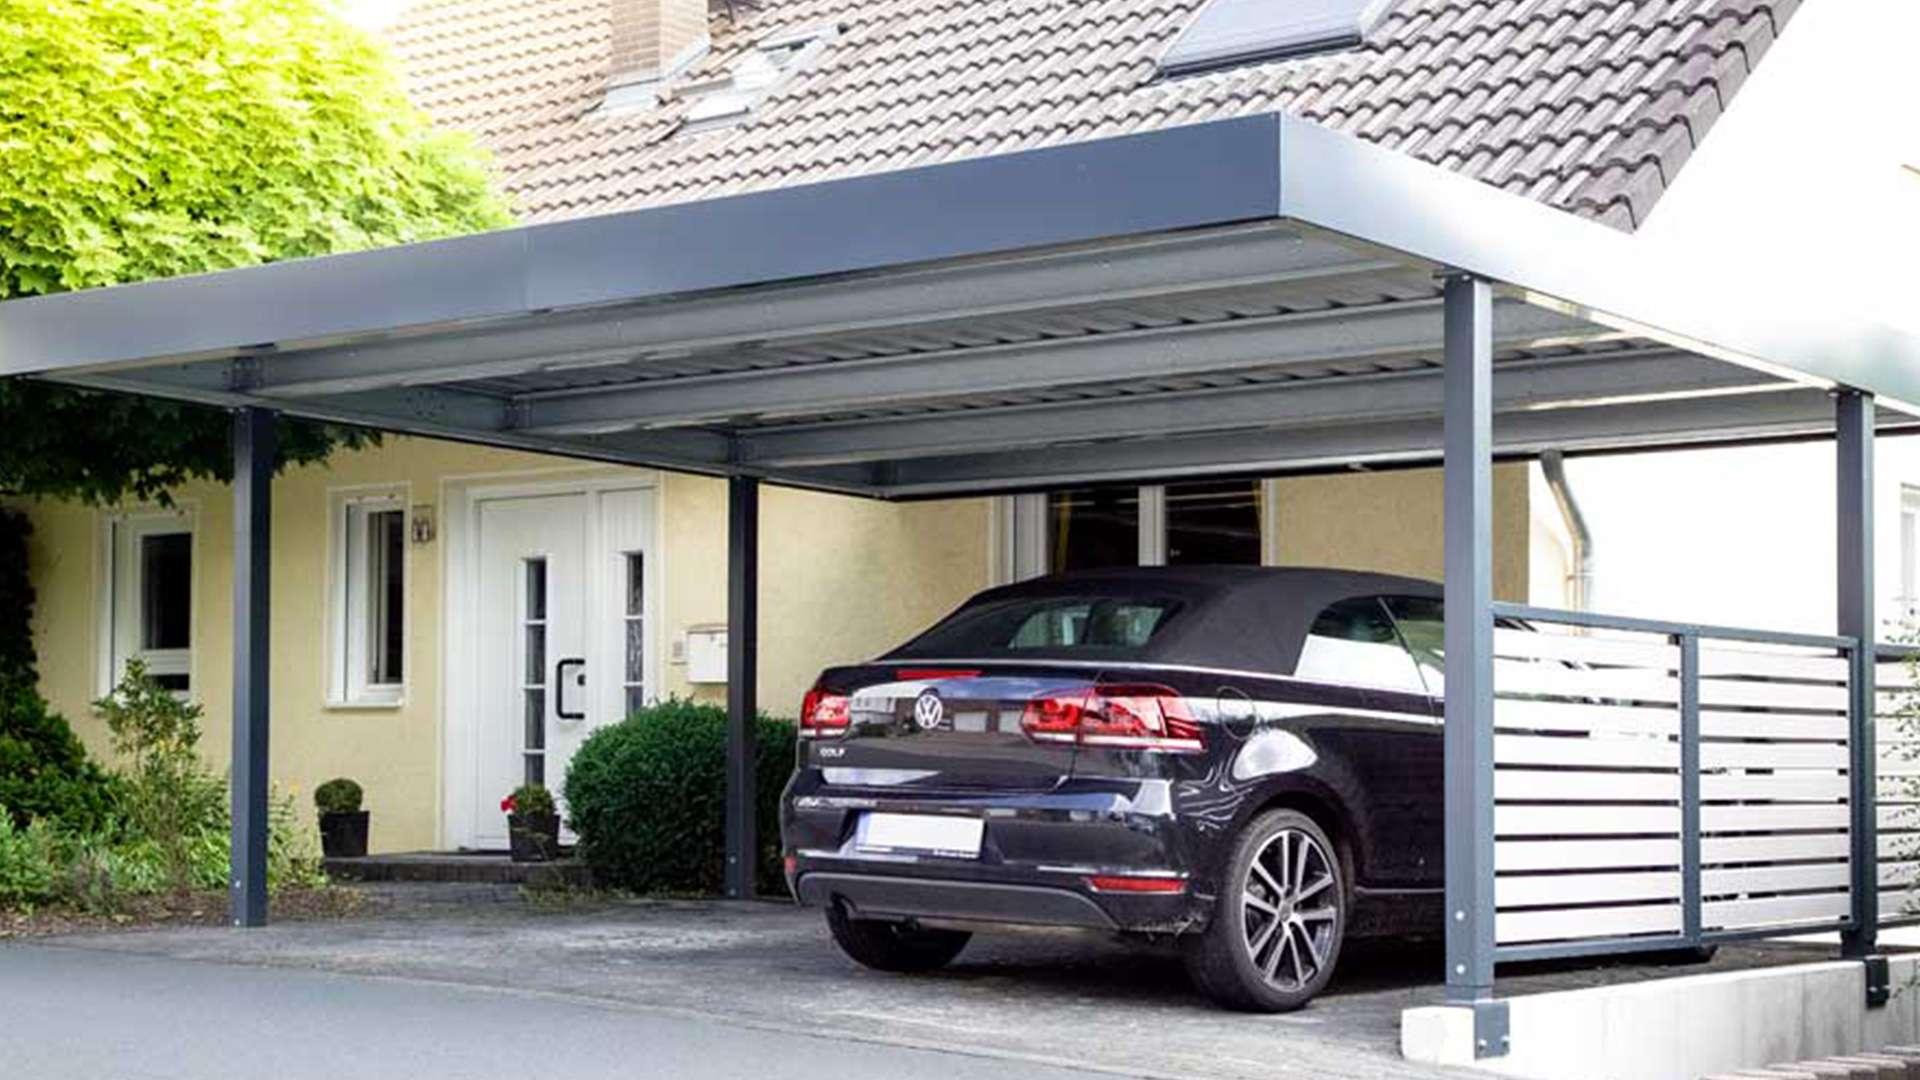 Auto, welches unter einem Carport eines Einfamilienhauses steht